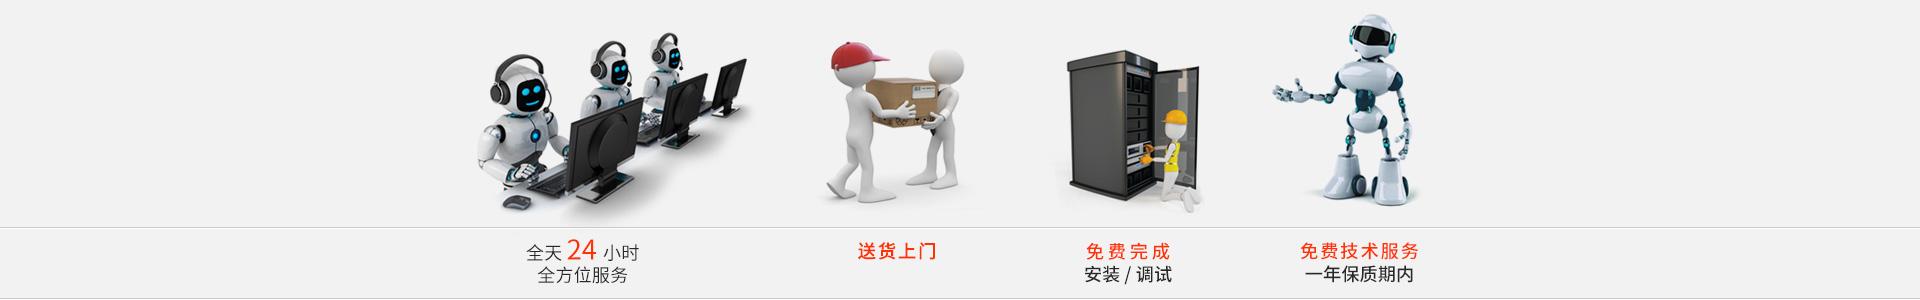 24小时全方位服务,免费安装调试技术支持-上海博奥微波设备